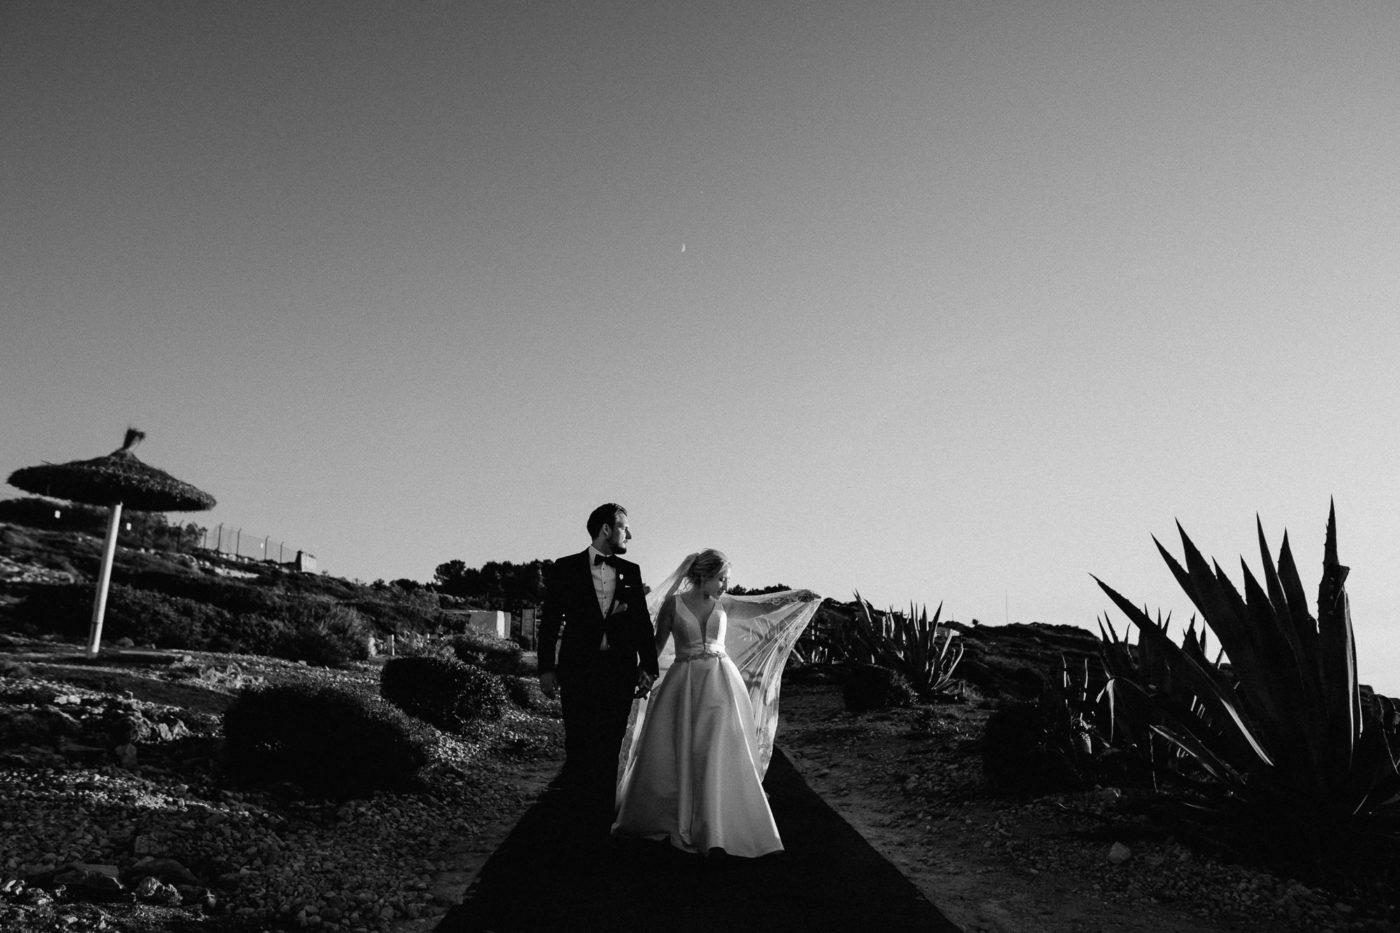 Das Brautpaar läuft Hand in Hand